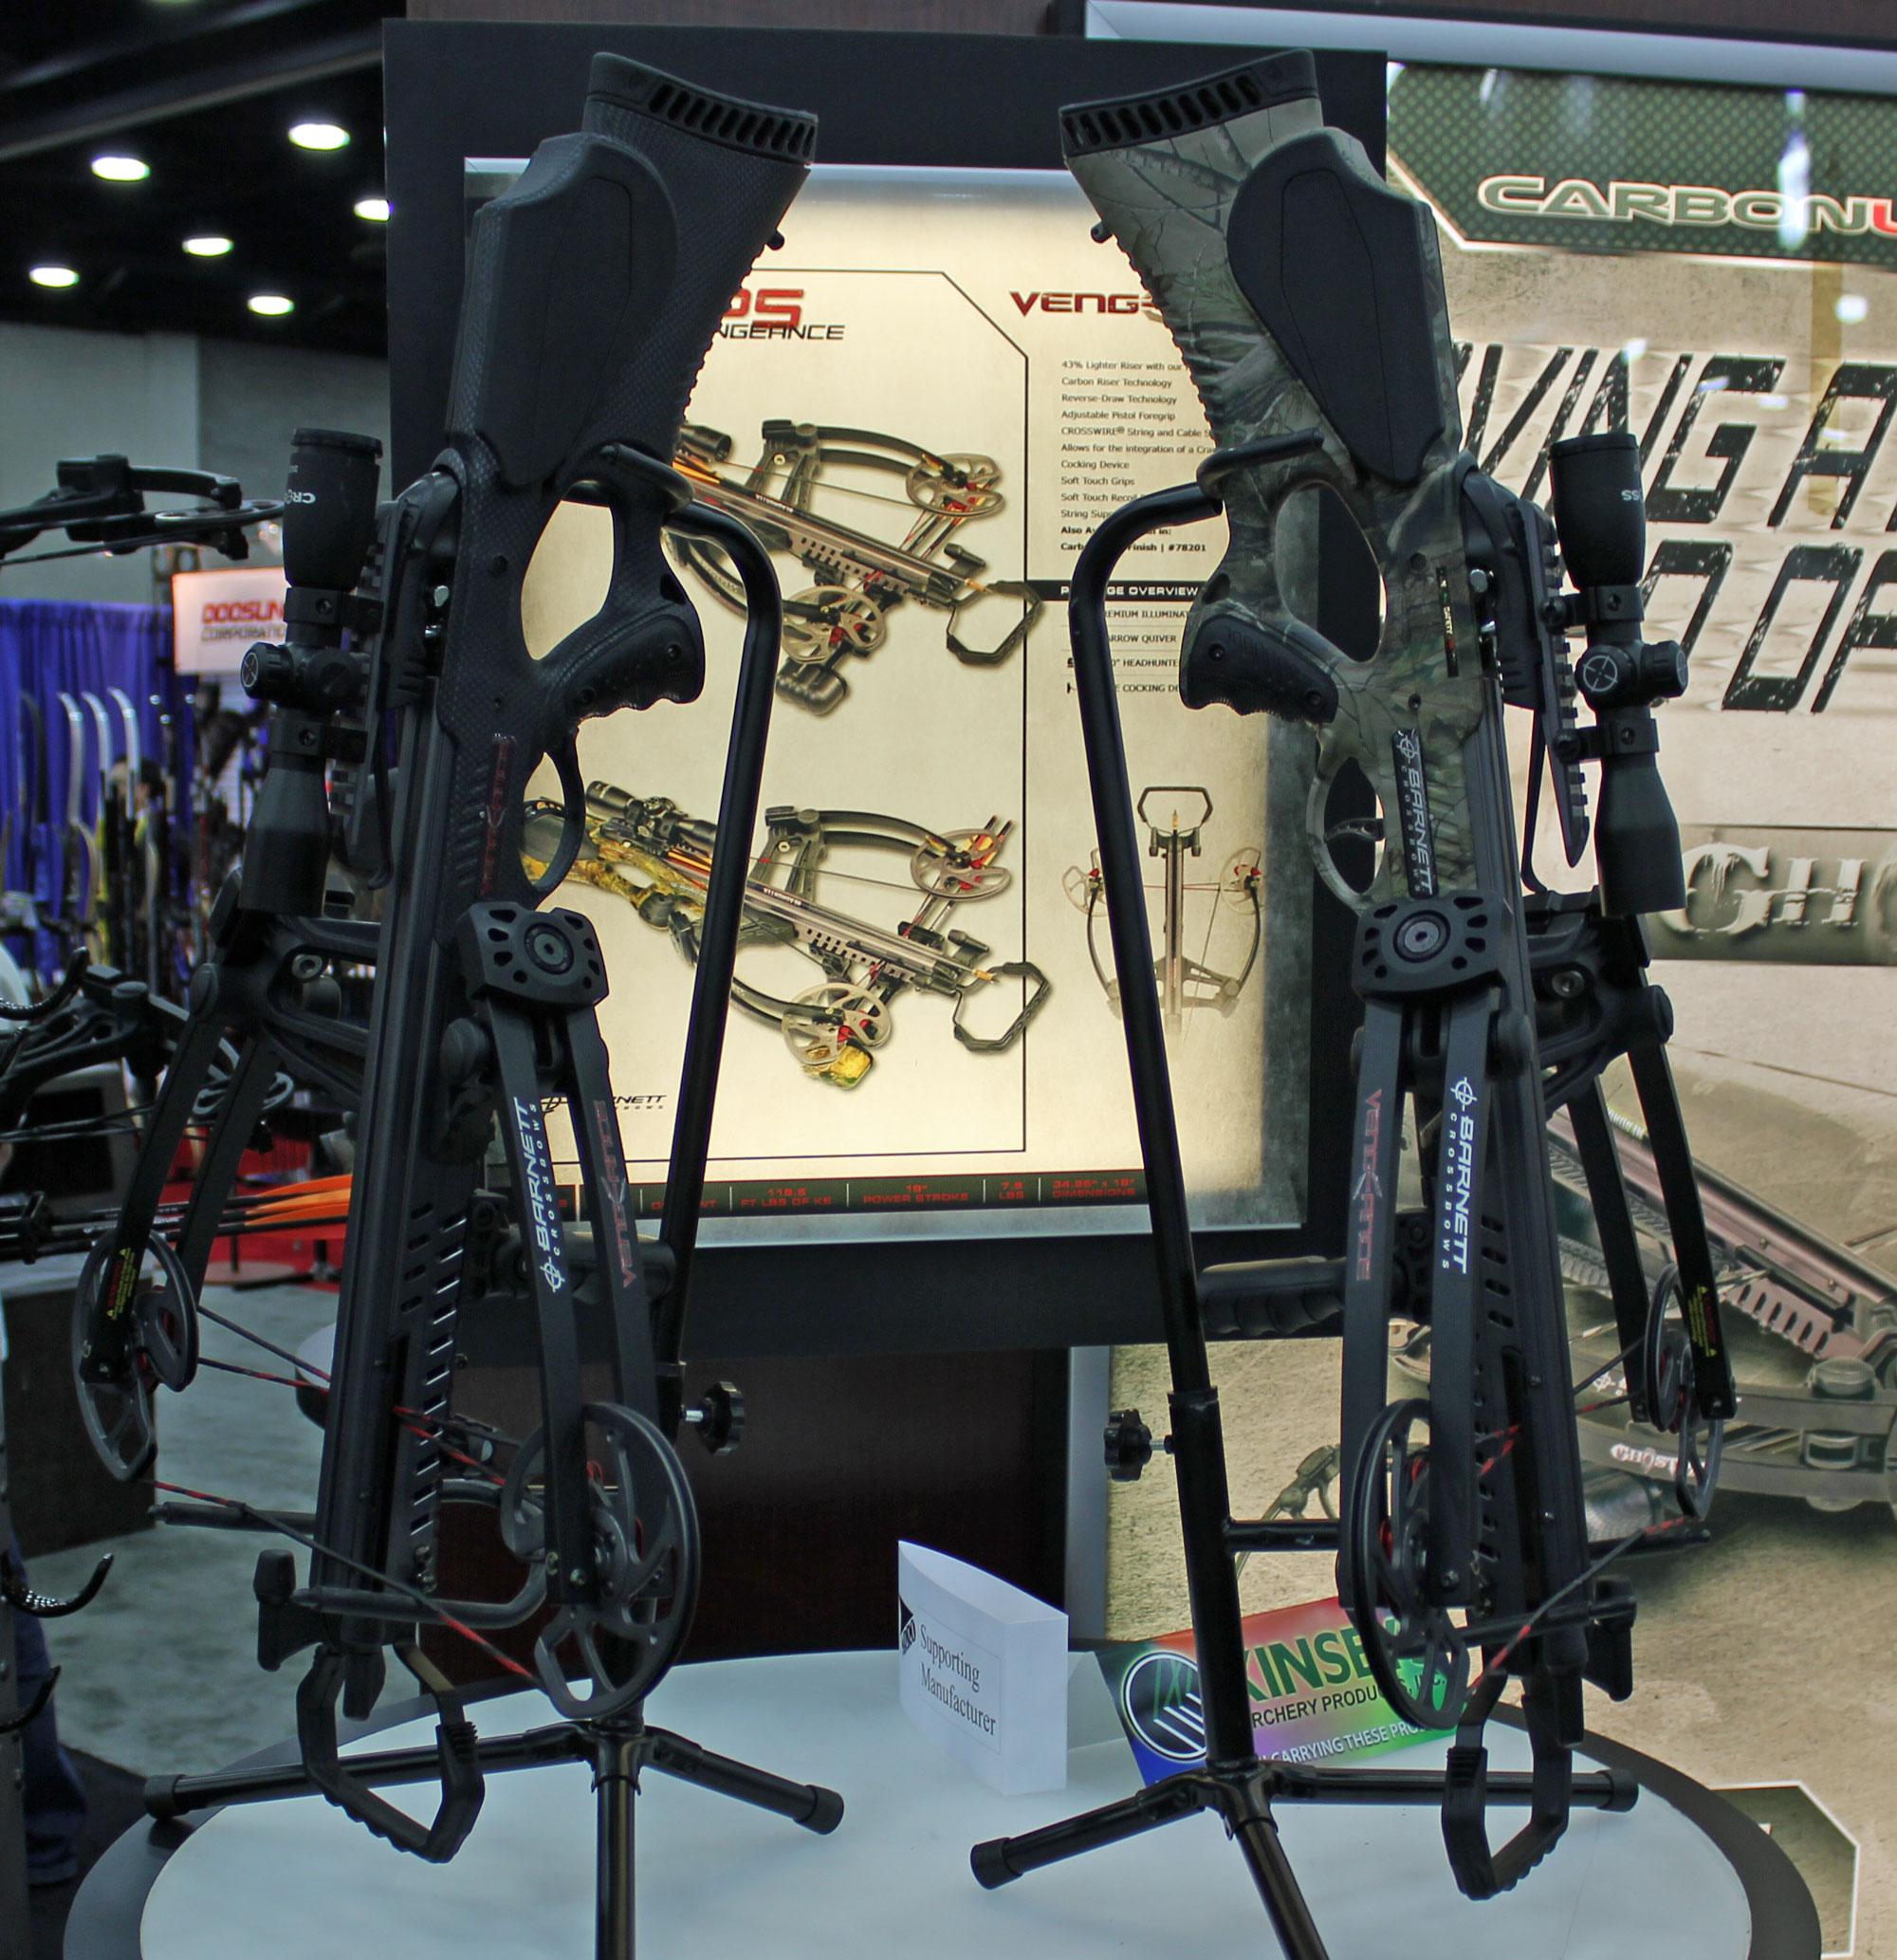 BARNETT VENGEANCE - сильно сделанная штука от Барнетта - можно считать что отомстили Скорпиду достойно. Оптимальное оружие. АТА-2013